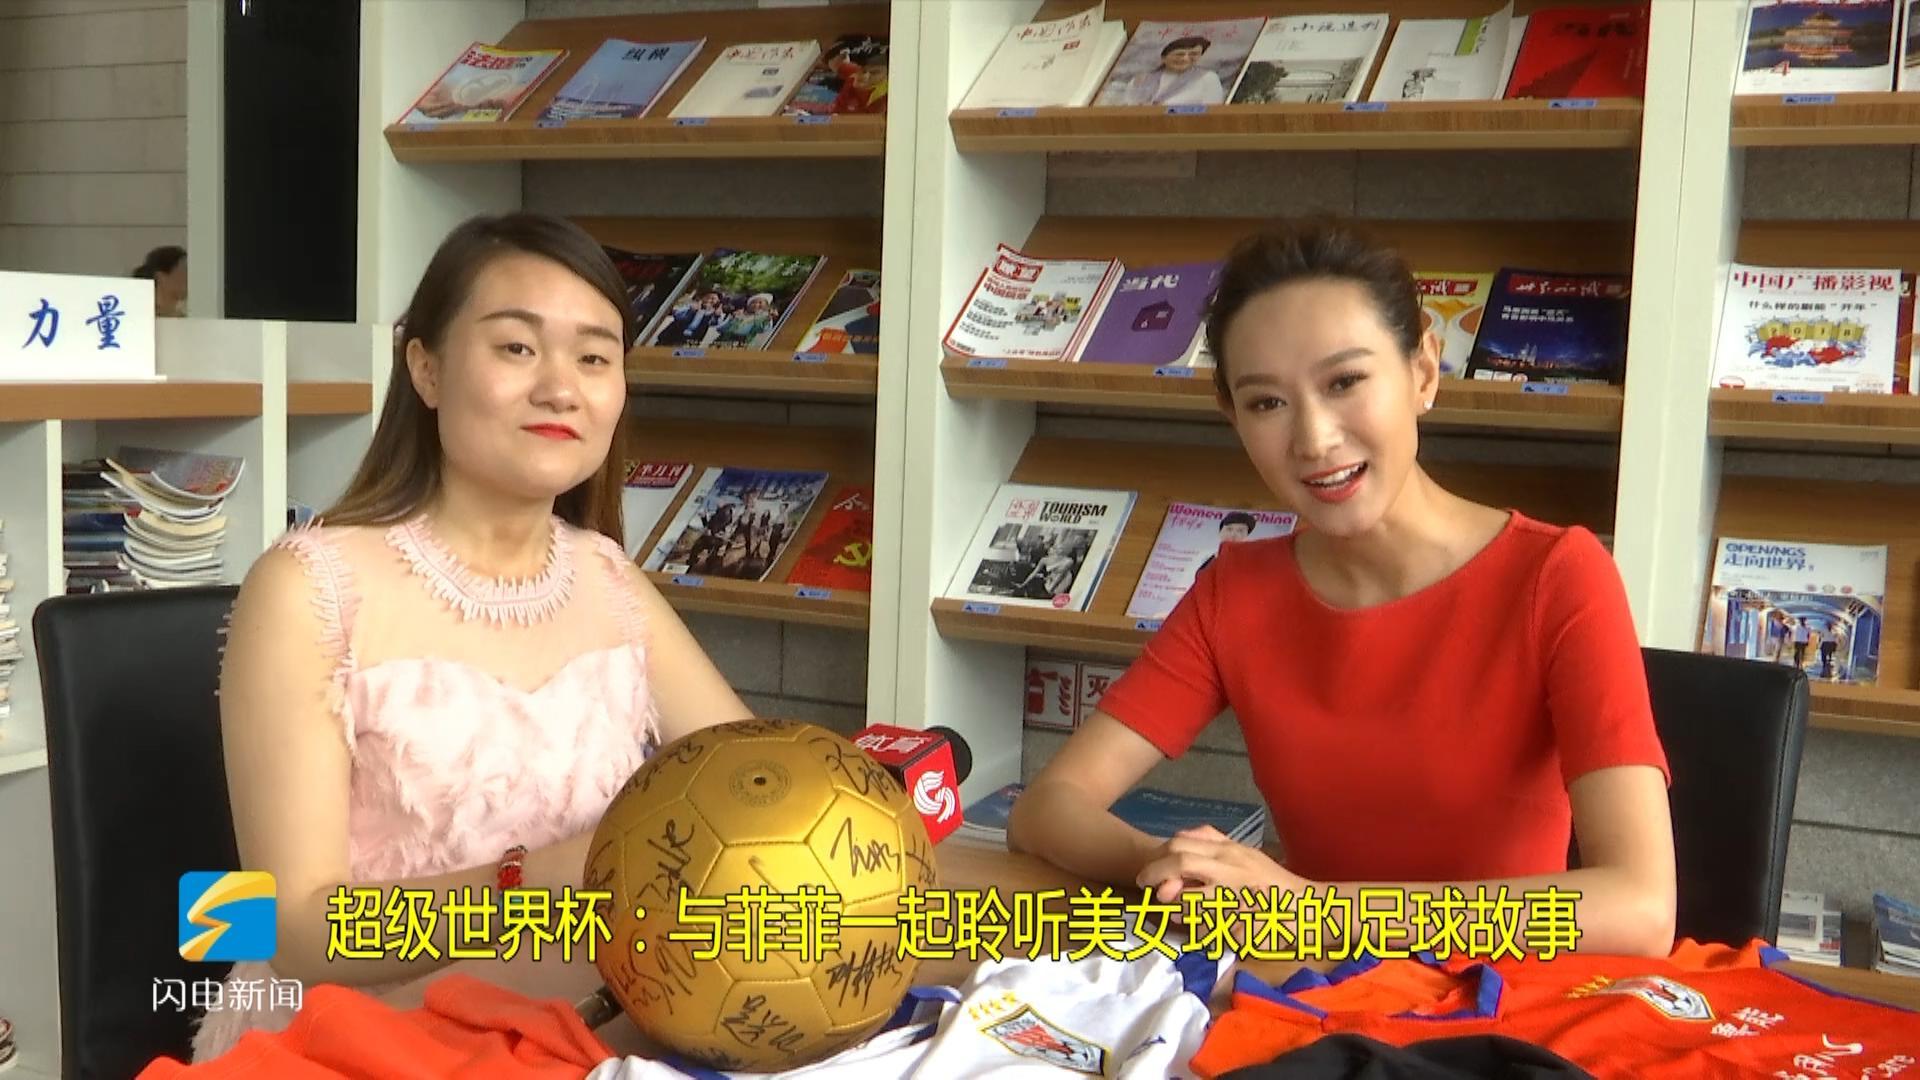 超级世界杯 和主持人菲菲一起聆听美女球迷的故事